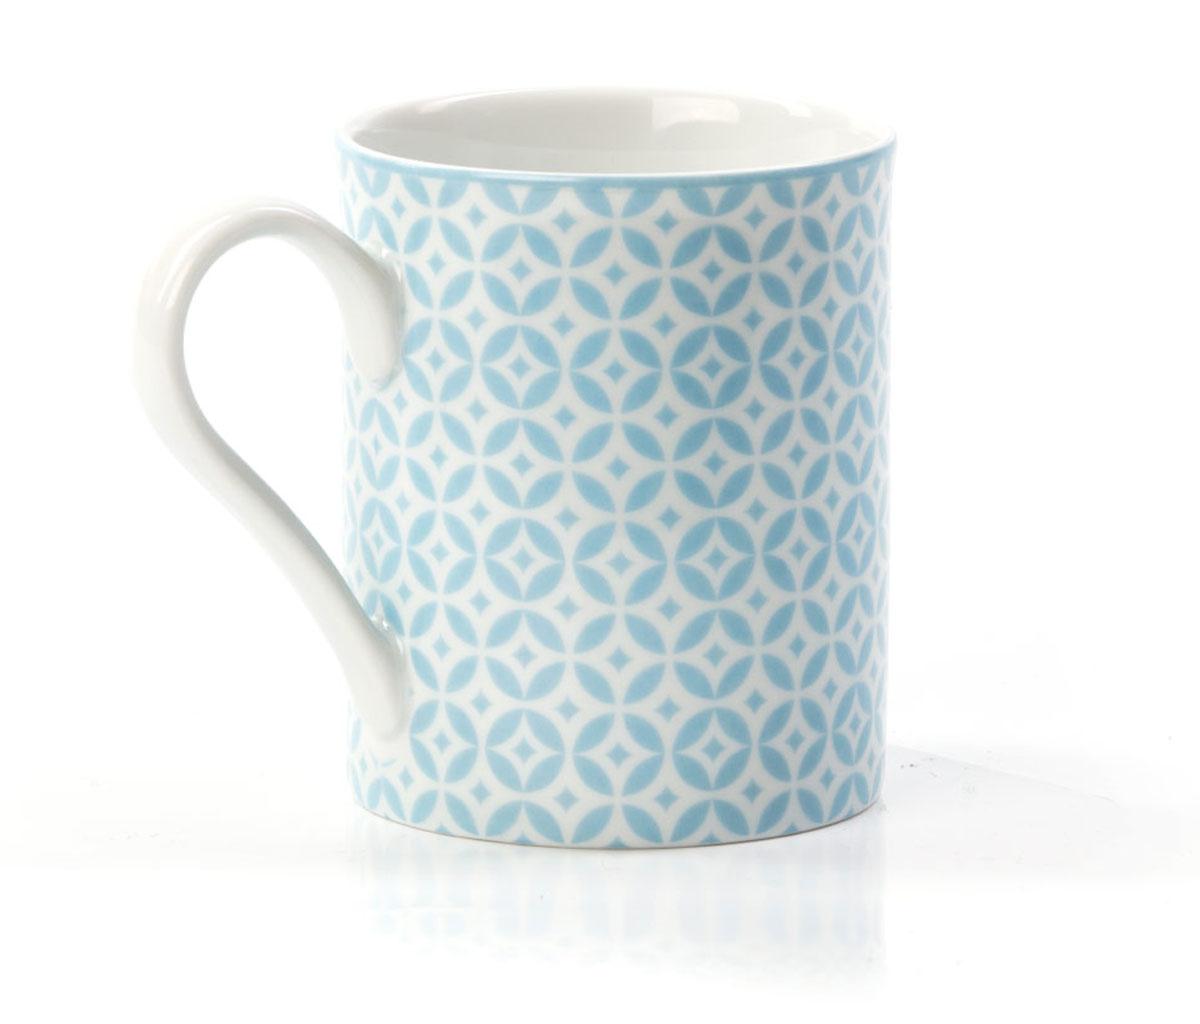 Кружка La Rose des Sables Витон, цвет: голубой, 300 мл чайник заварочный la rose des sables bleu sky 1 7 л